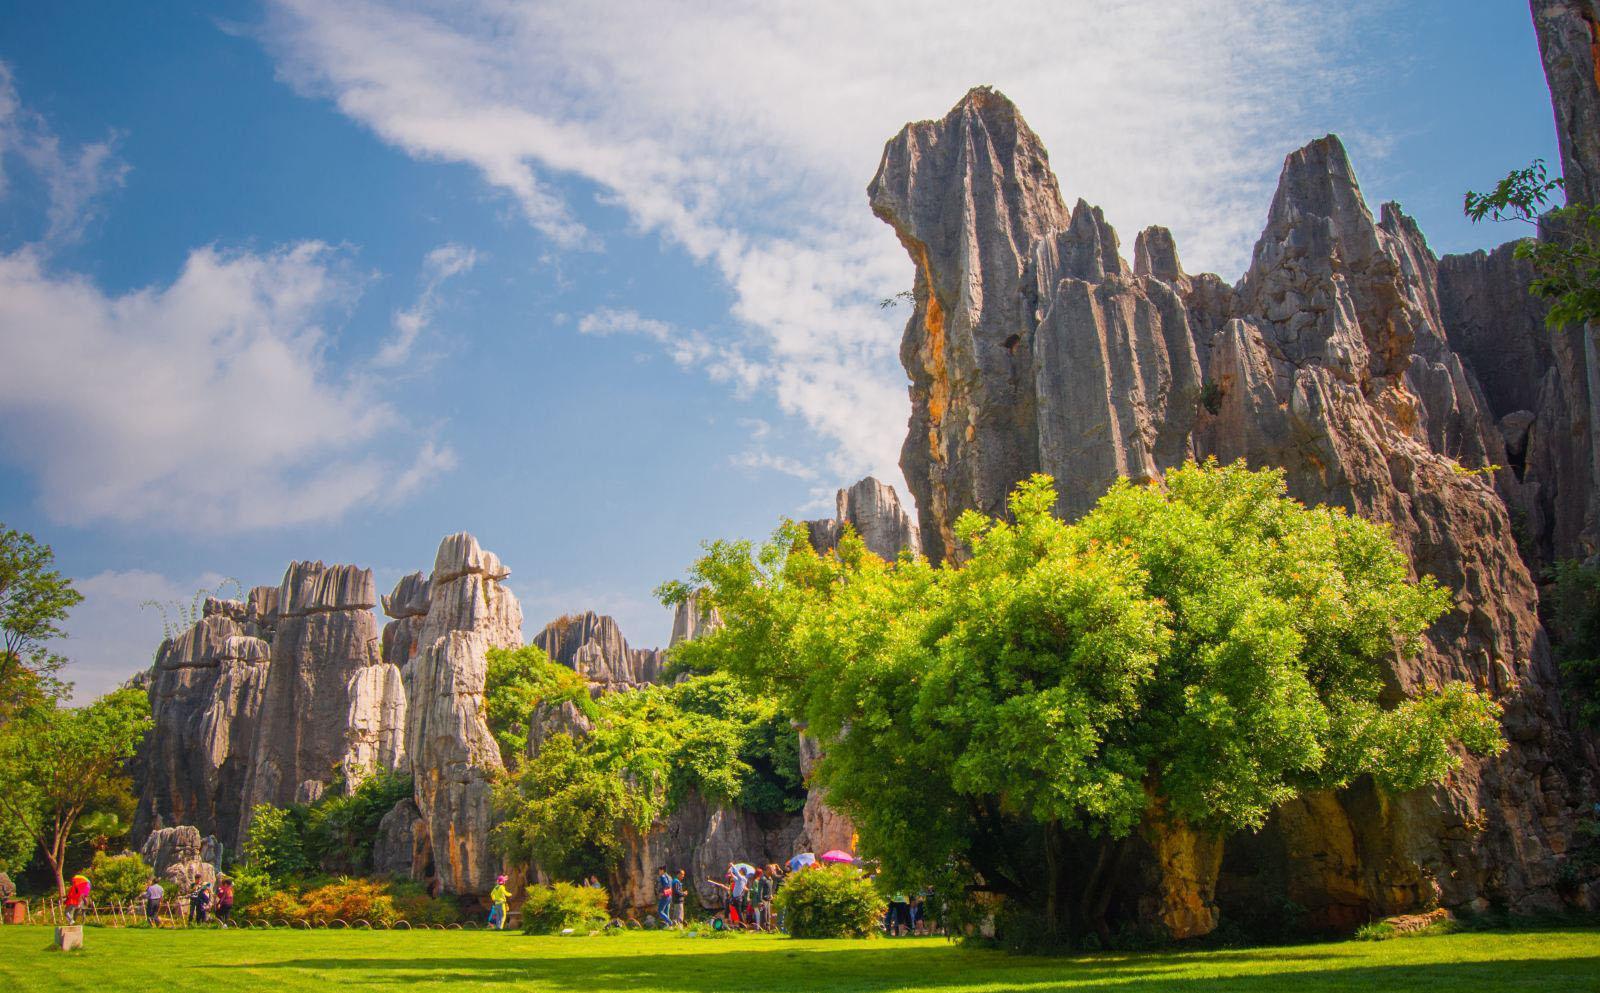 昆明最受人欢迎的景点,第一名不是石林,云南民族村排第四